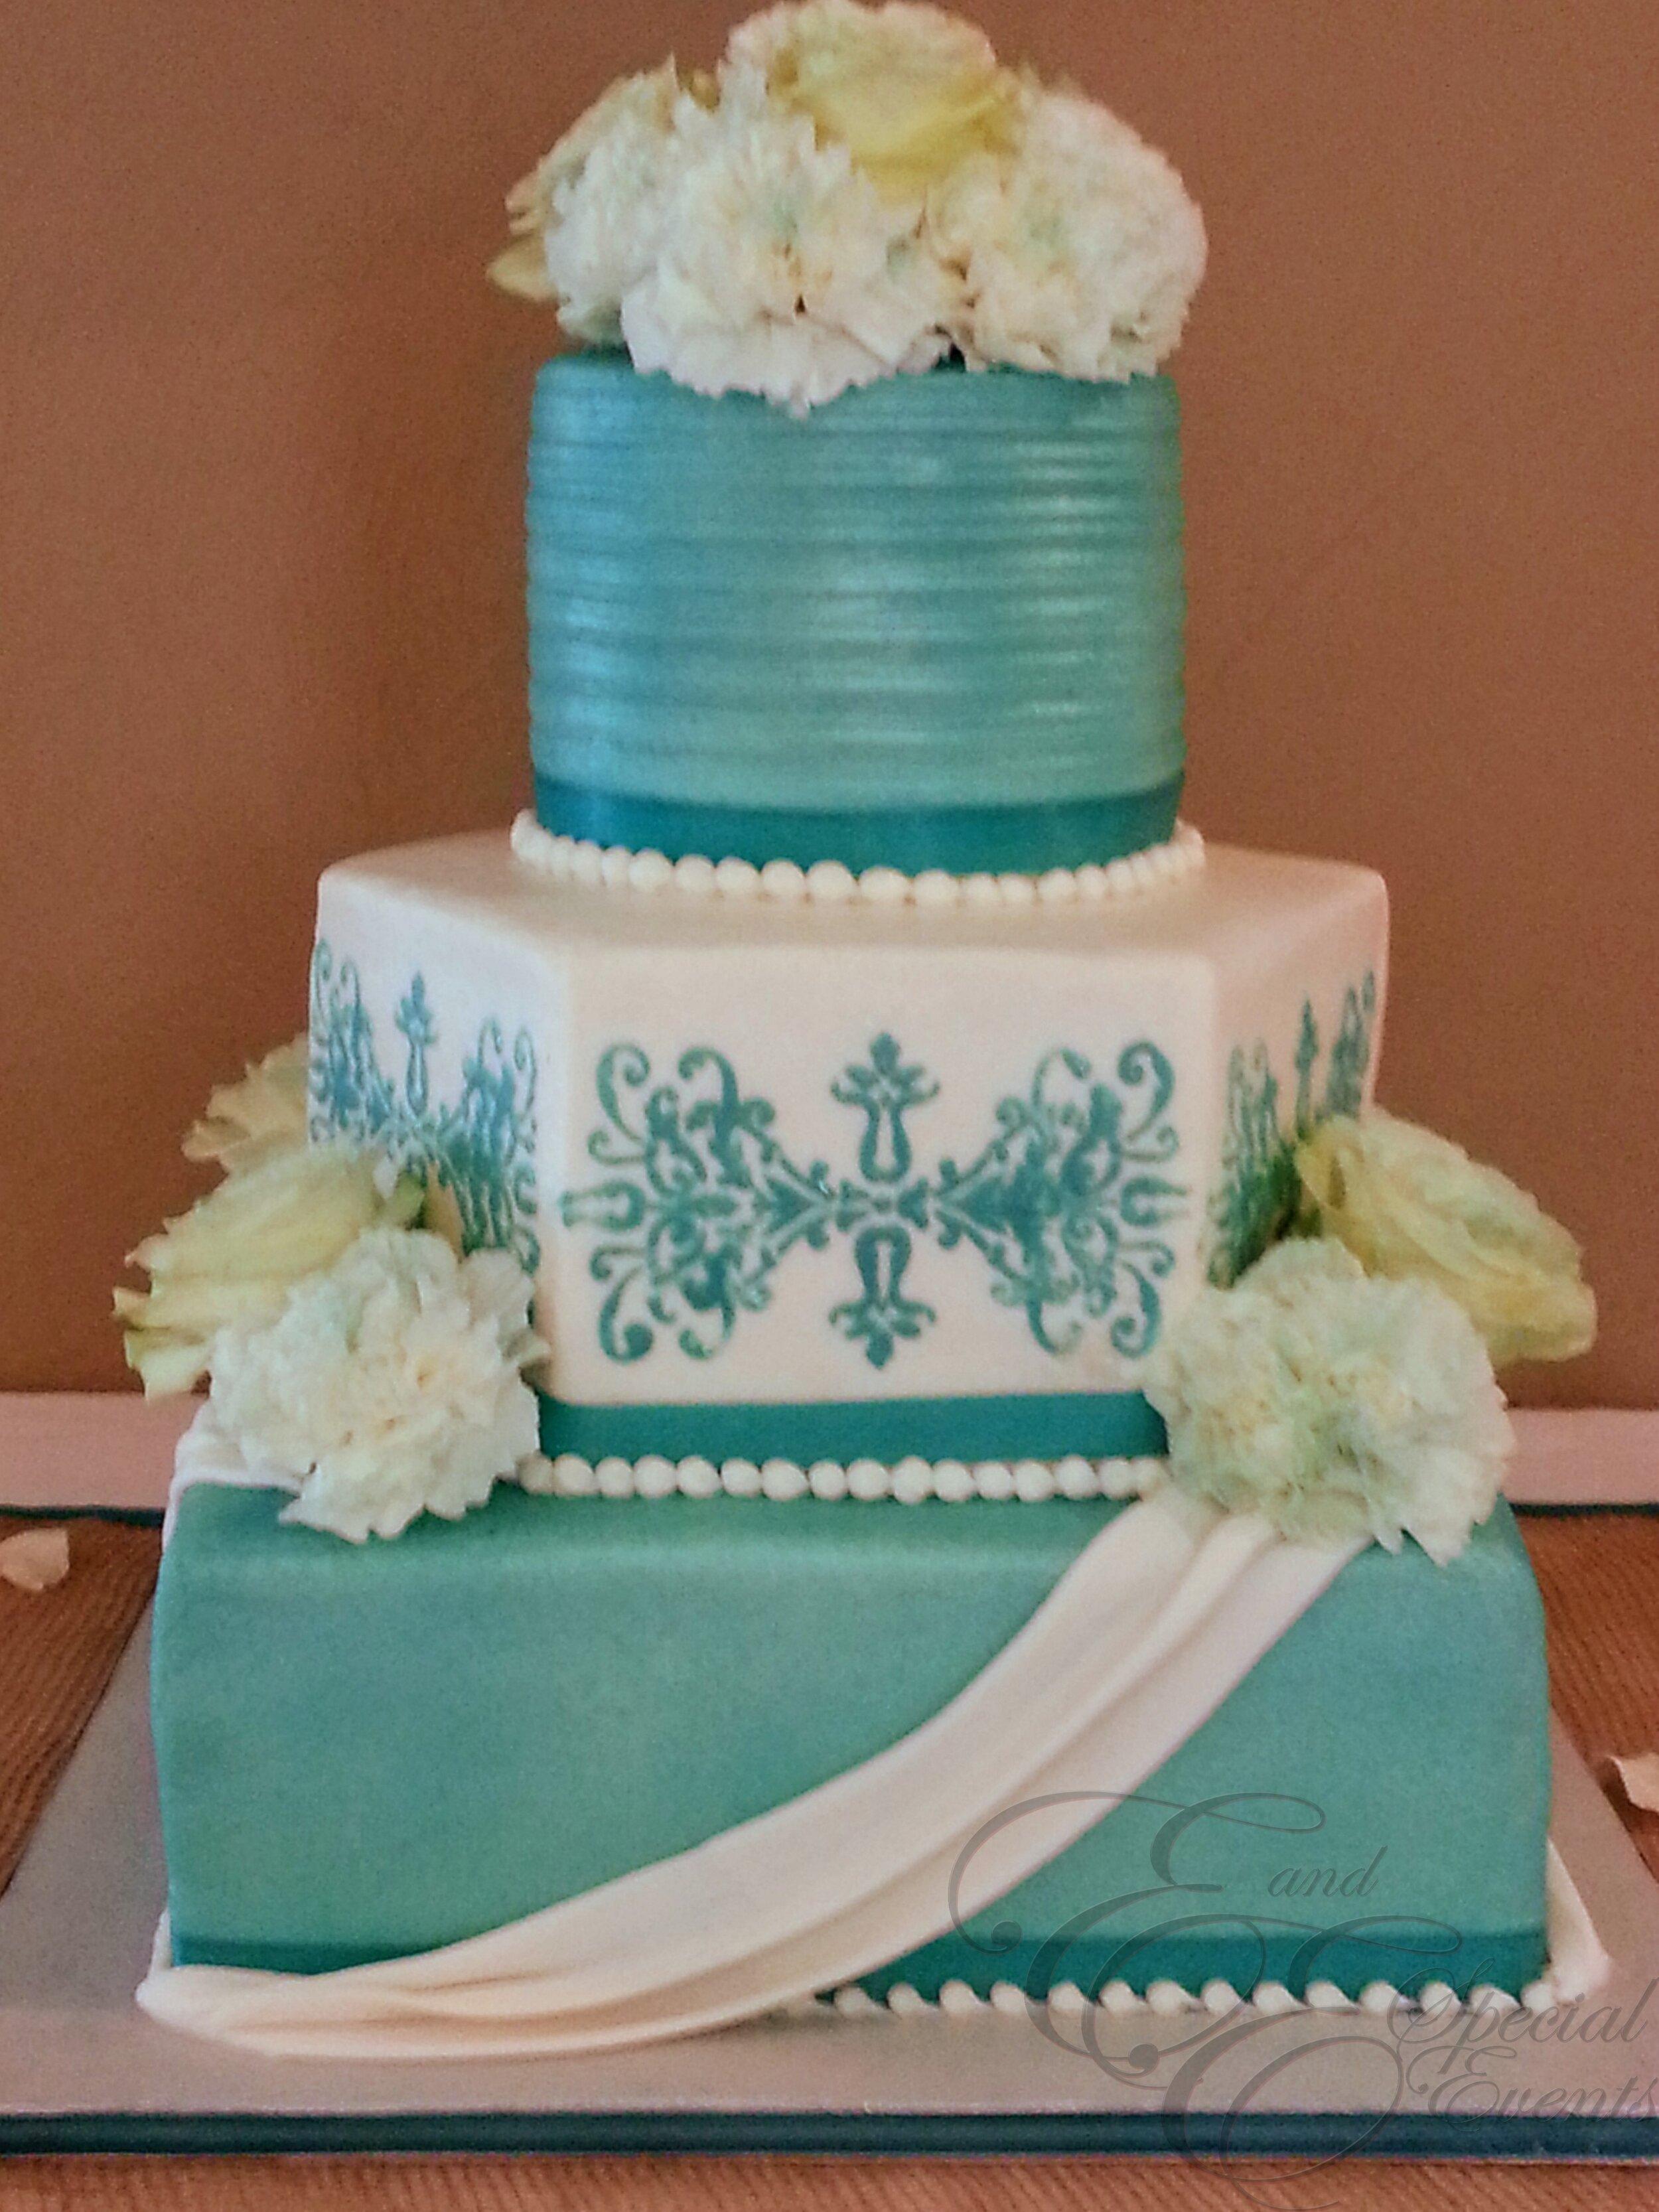 wedding_cakes_E_and_E_Special_Events_virginia_beach_12.jpg